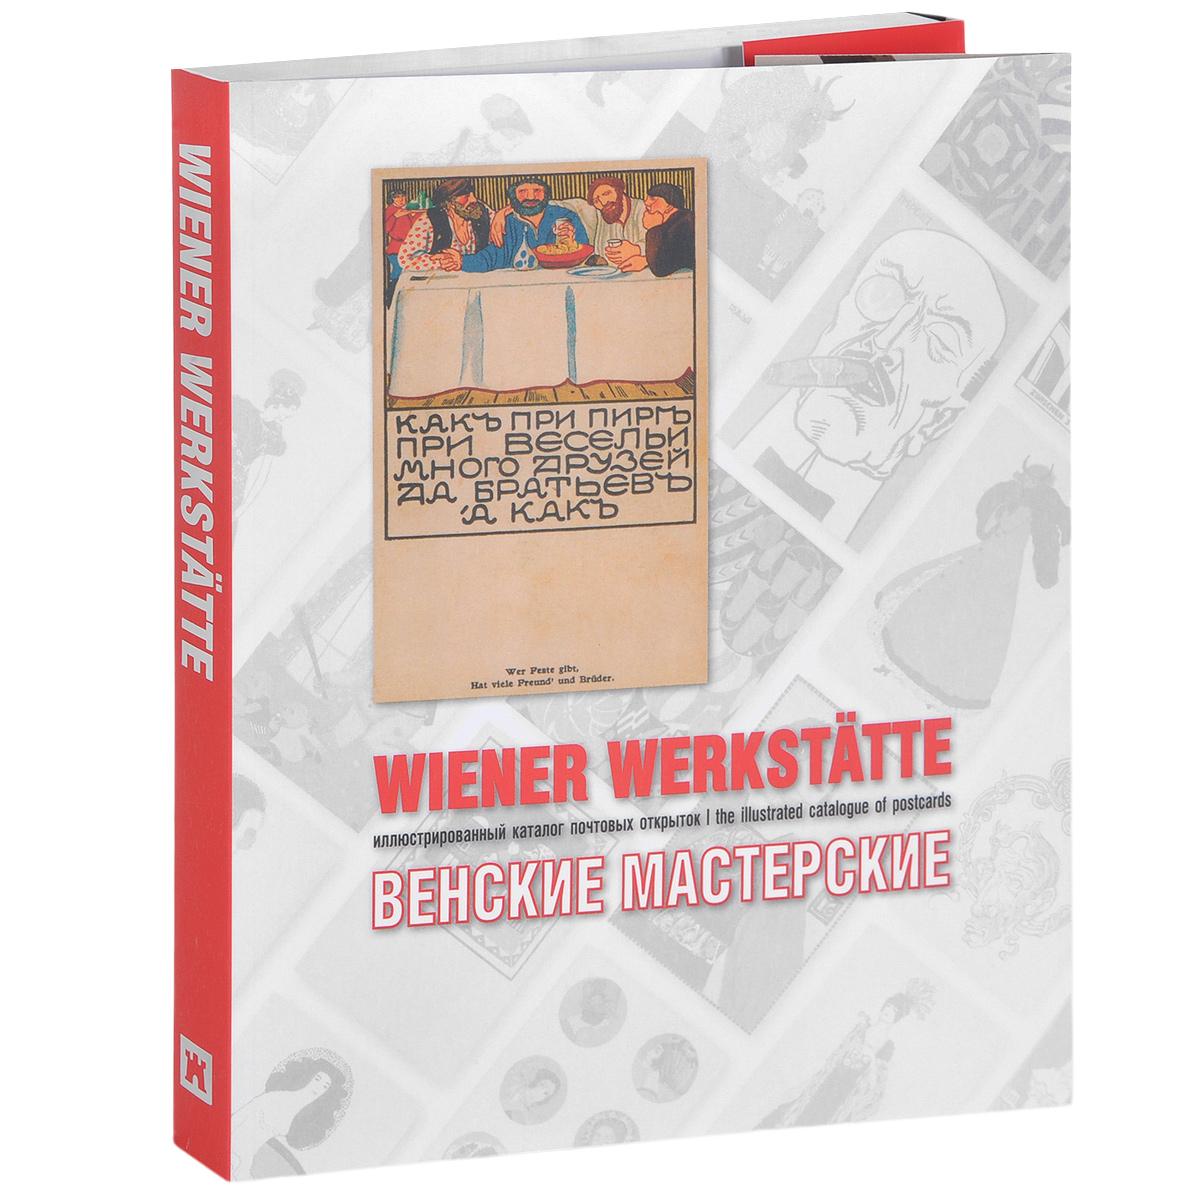 Венские мастерские. Иллюстрированный каталог почтовых открыток / Wiener Werkstatte: The Illustrated Catalogue of Postcards